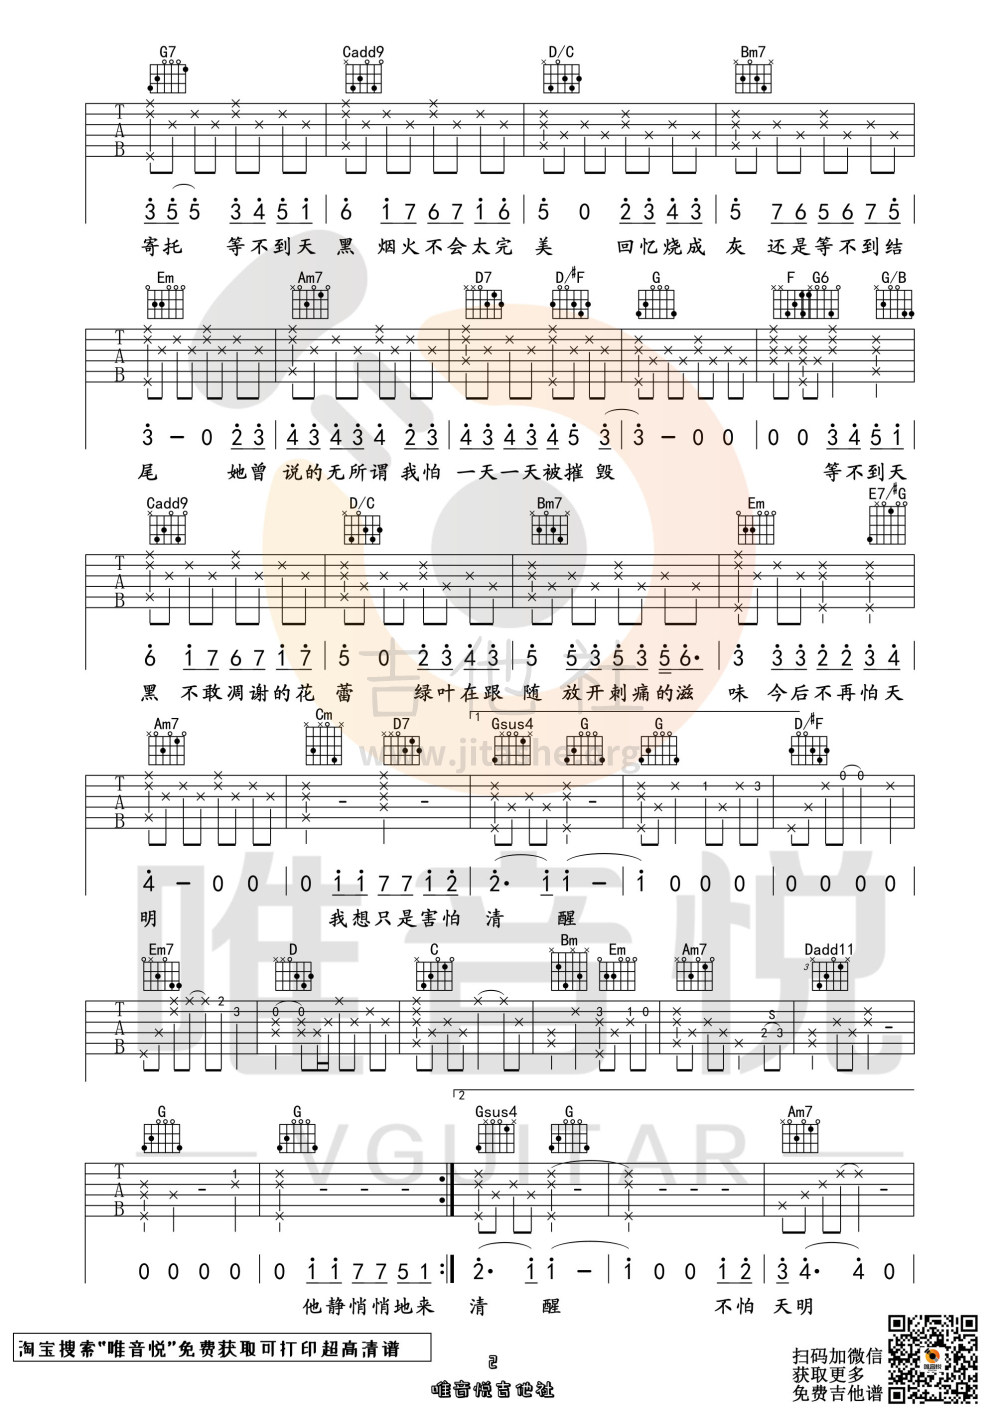 她说 (G调简单吉他谱 唯音悦制谱)吉他谱(图片谱,简单吉他谱,唯音悦,G调)_林俊杰(JJ)_她说02.jpg